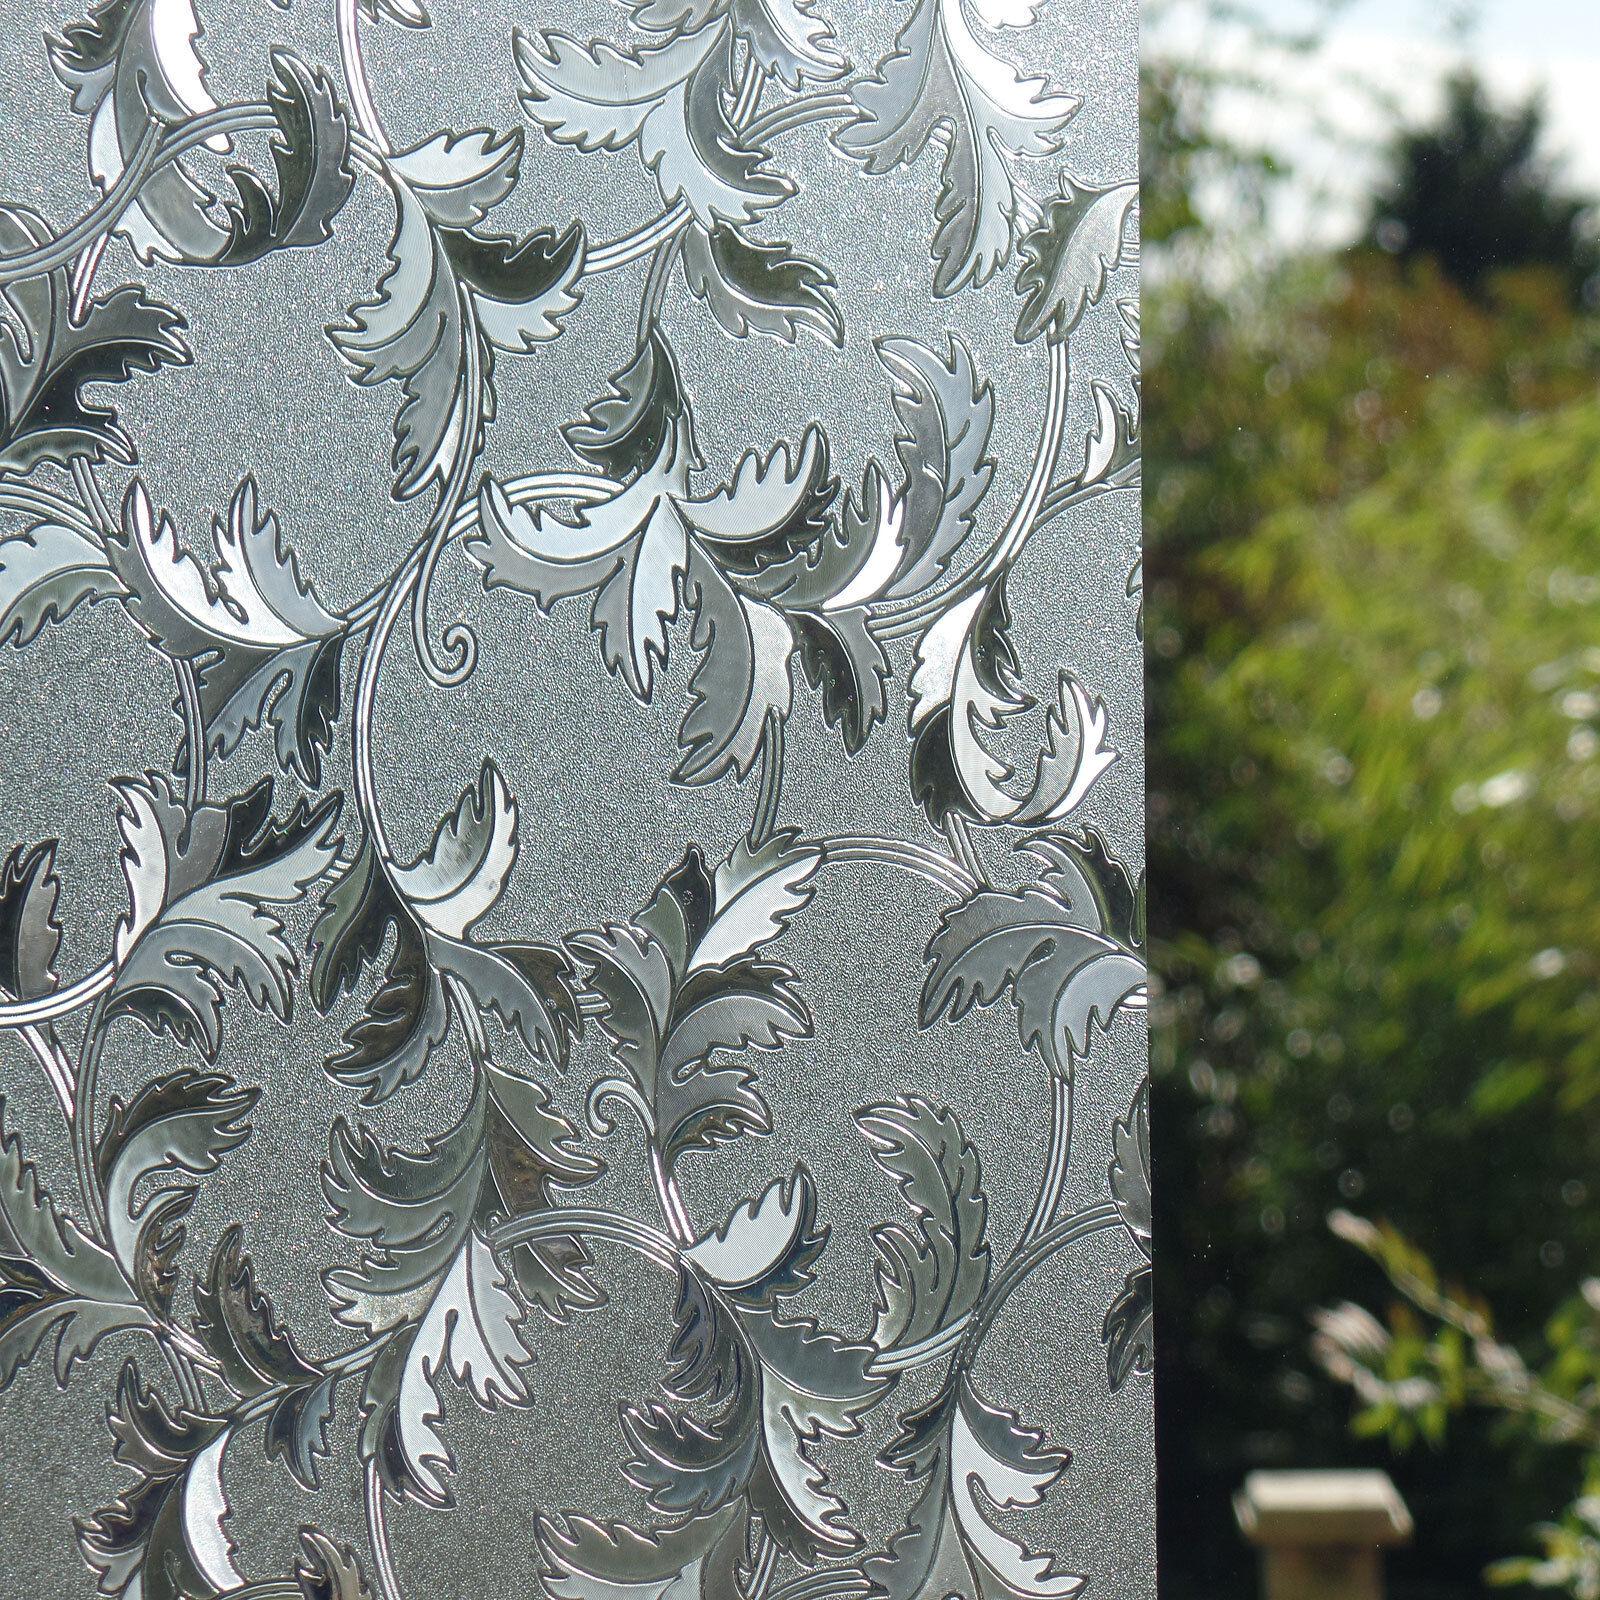 Dépoli verre dépoli film de fenêtre statique statique statique papier décoratif vinyle la vie privée s'accrocher | New Style,En Ligne  9fba79